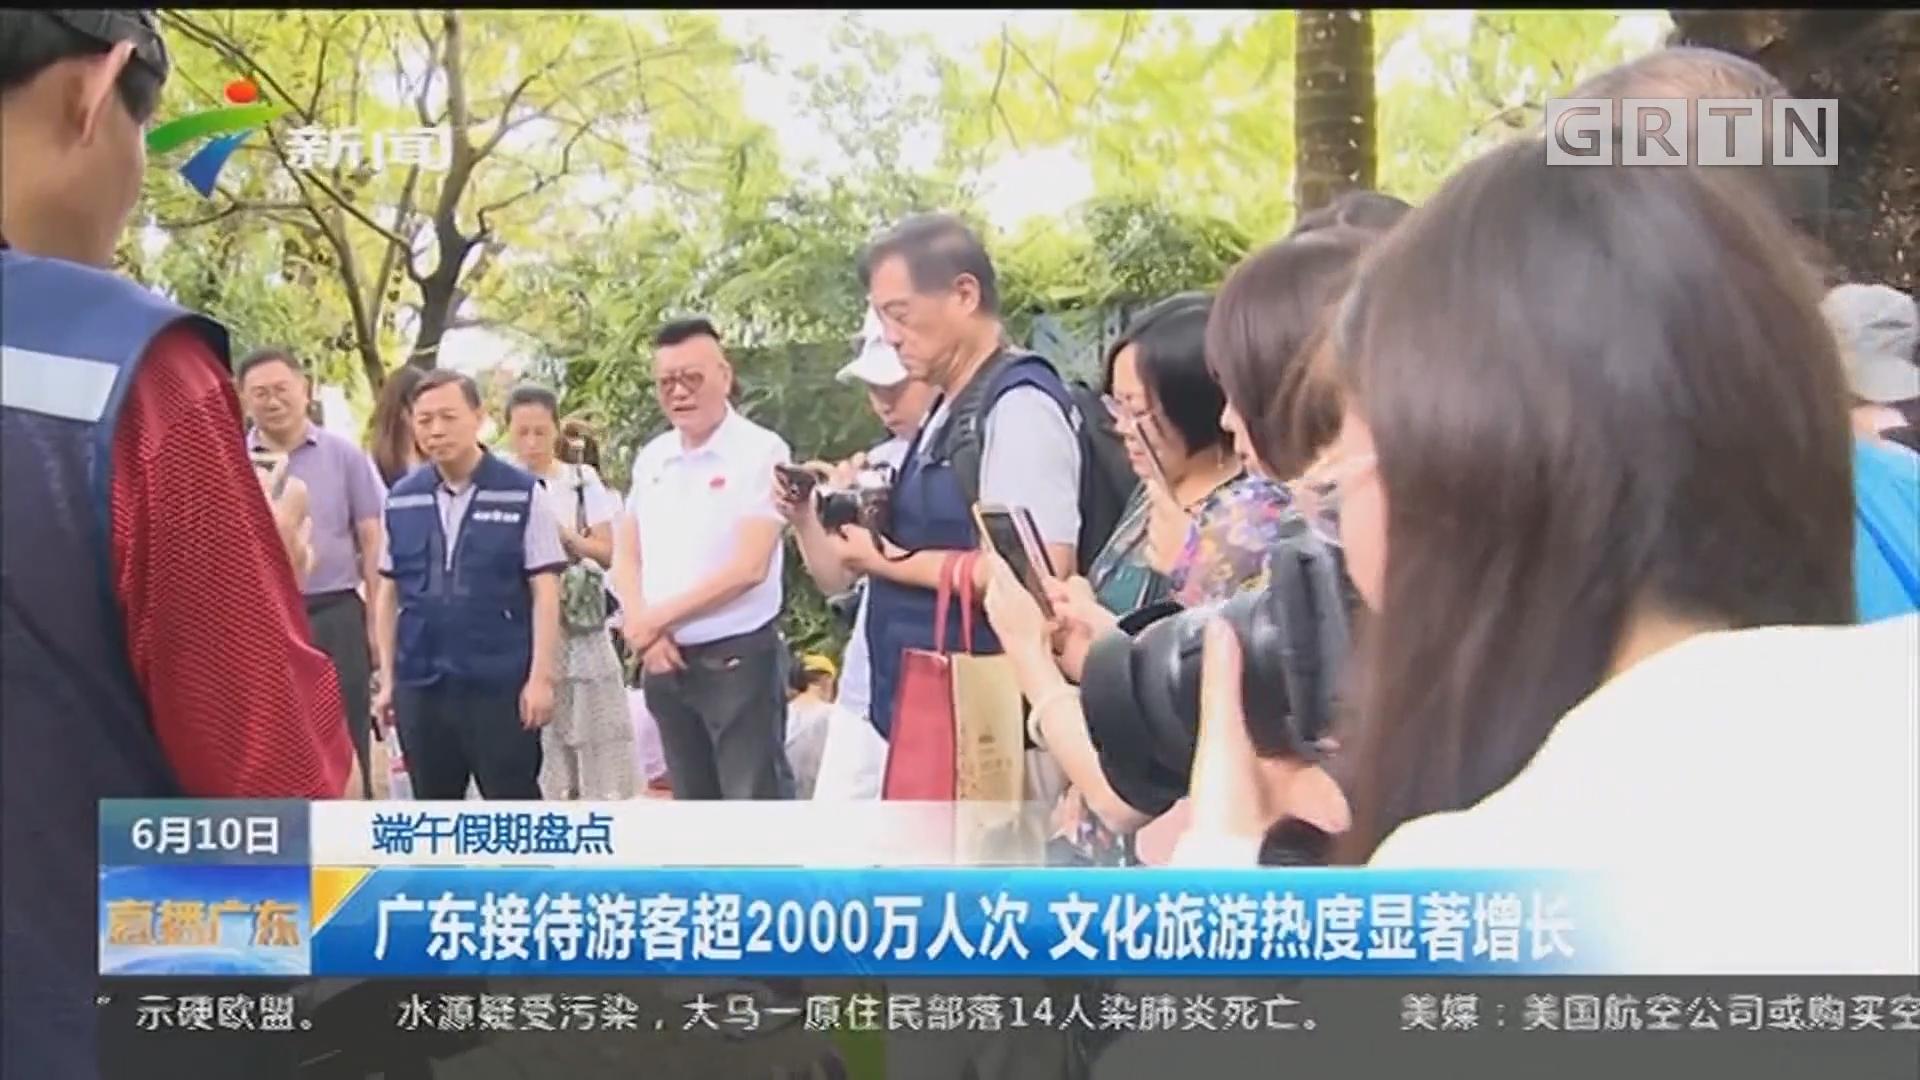 端午假期盘点:广东接待游客超2000万人次 文化旅游热度显著增长